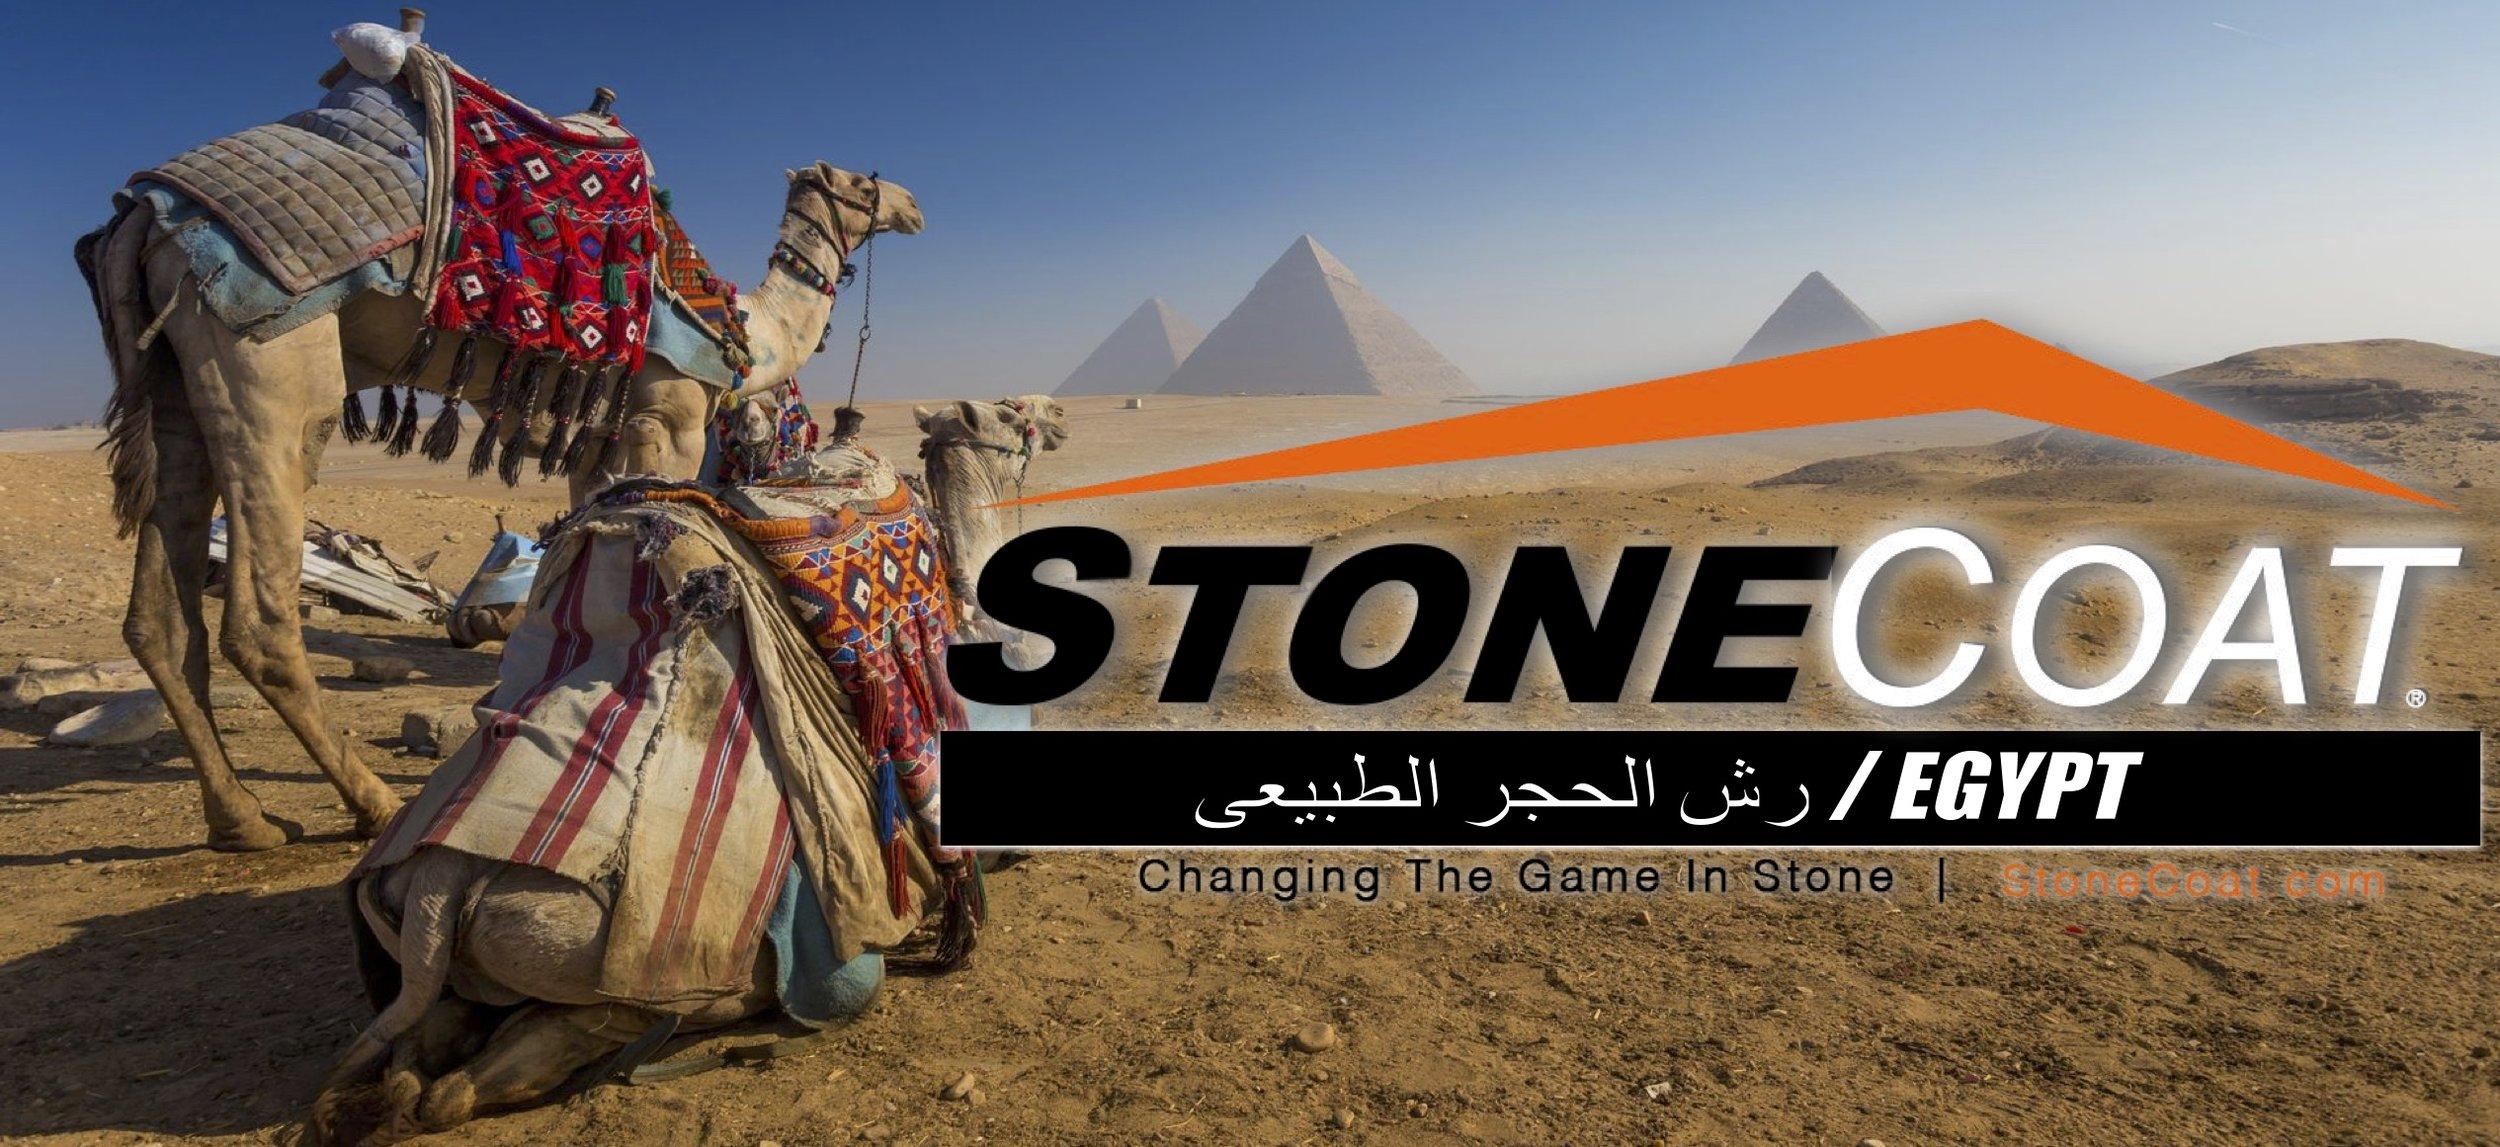 SC EGYPT.jpg